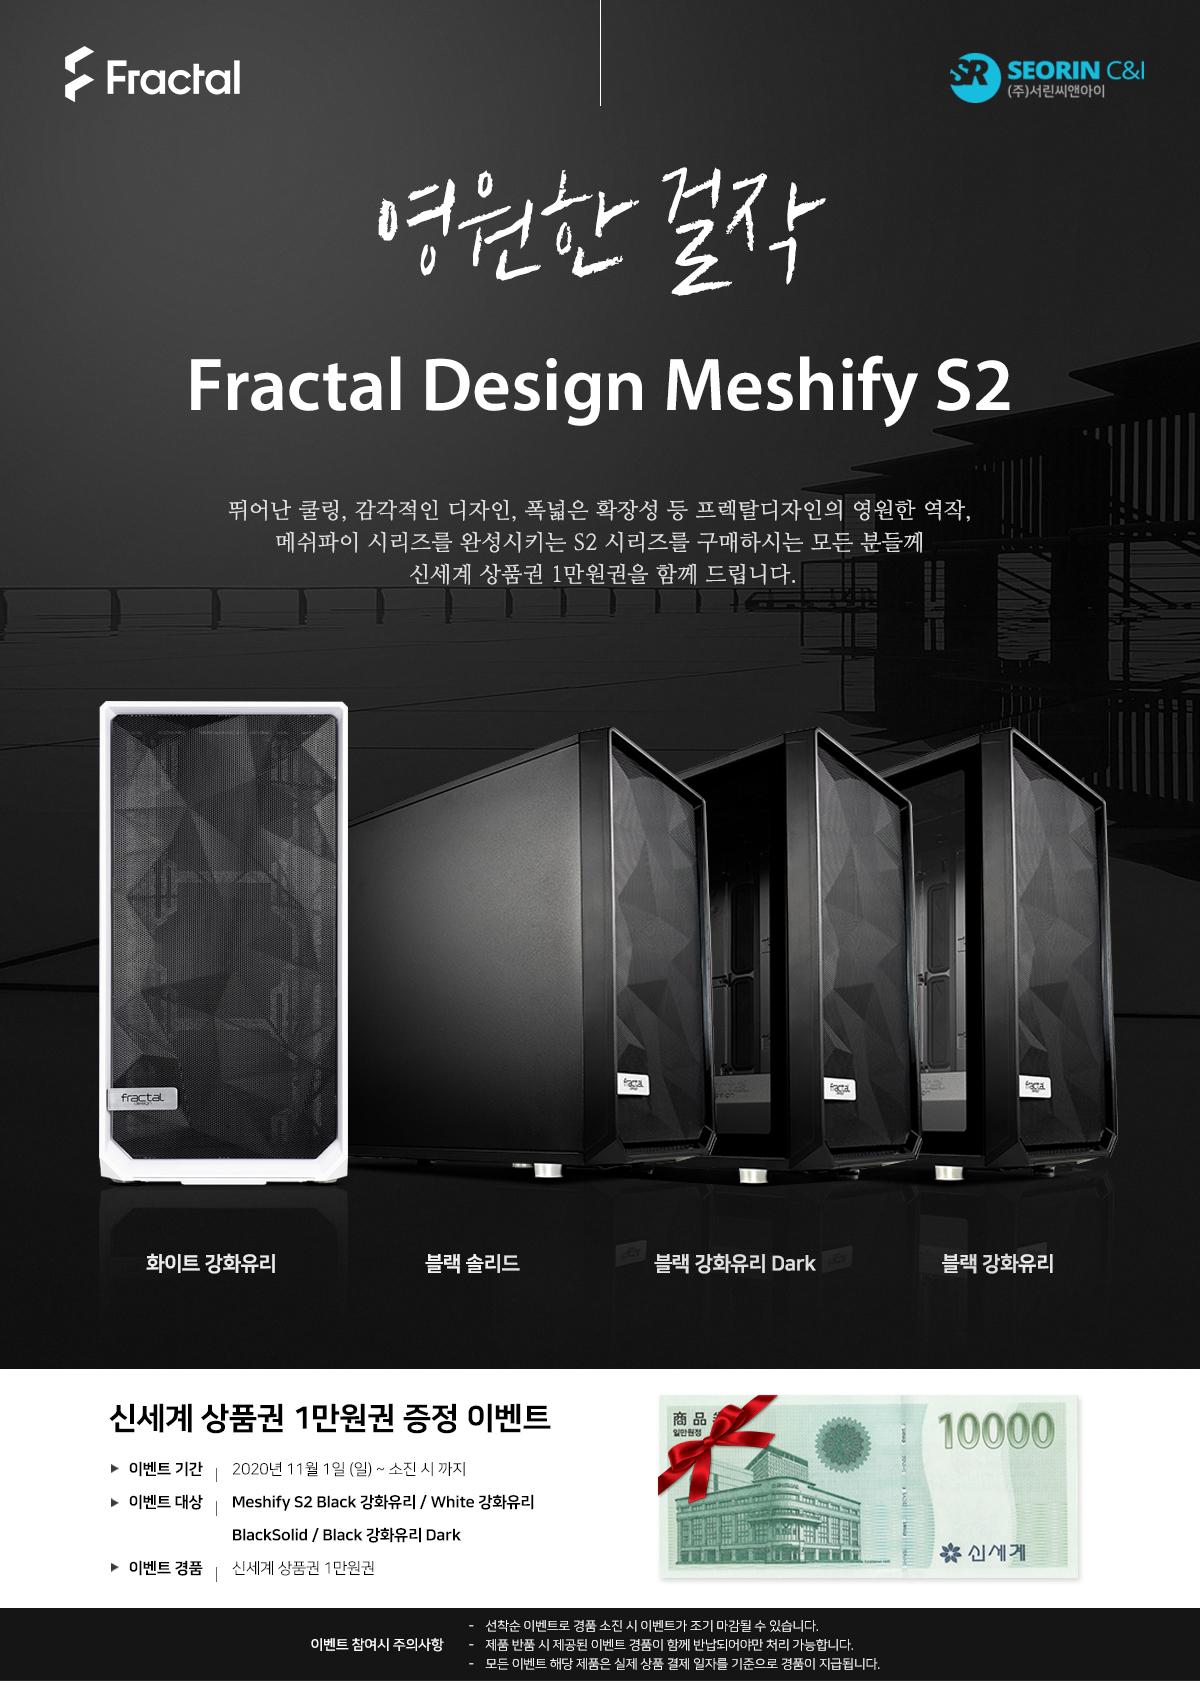 영원한 걸작! 프렉탈디자인 메쉬파이 S2 구매자 대상 상품권 증정 이벤트!